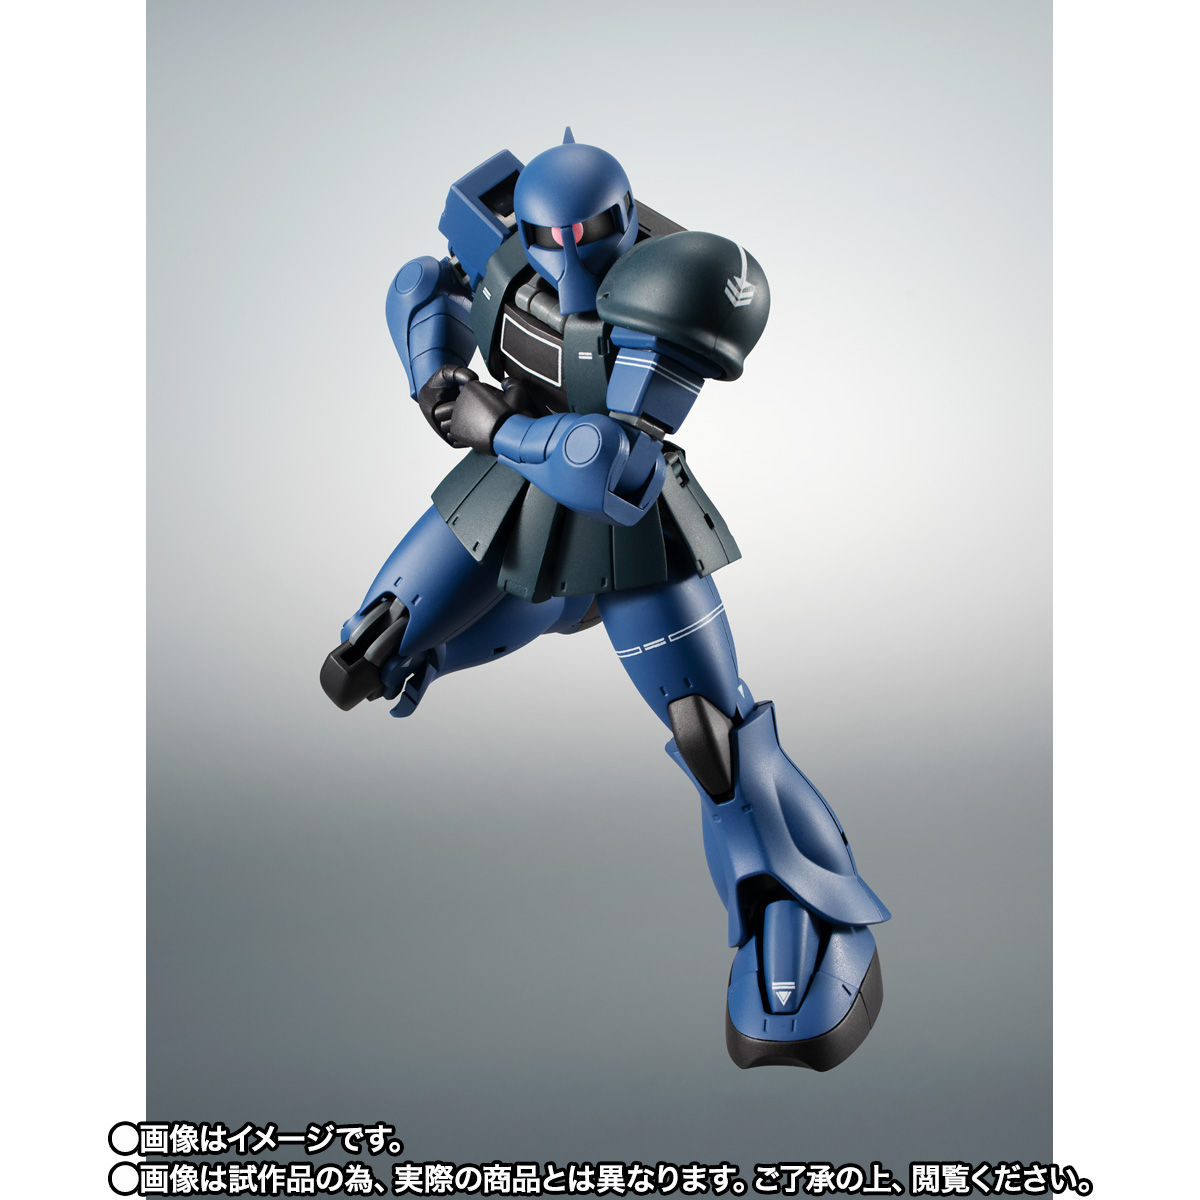 【限定販売】ROBOT魂〈SIDE MS〉『MS-05B 旧ザク ver. A.N.I.M.E. ~黒い三連星~』ガンダム 可動フィギュア-004